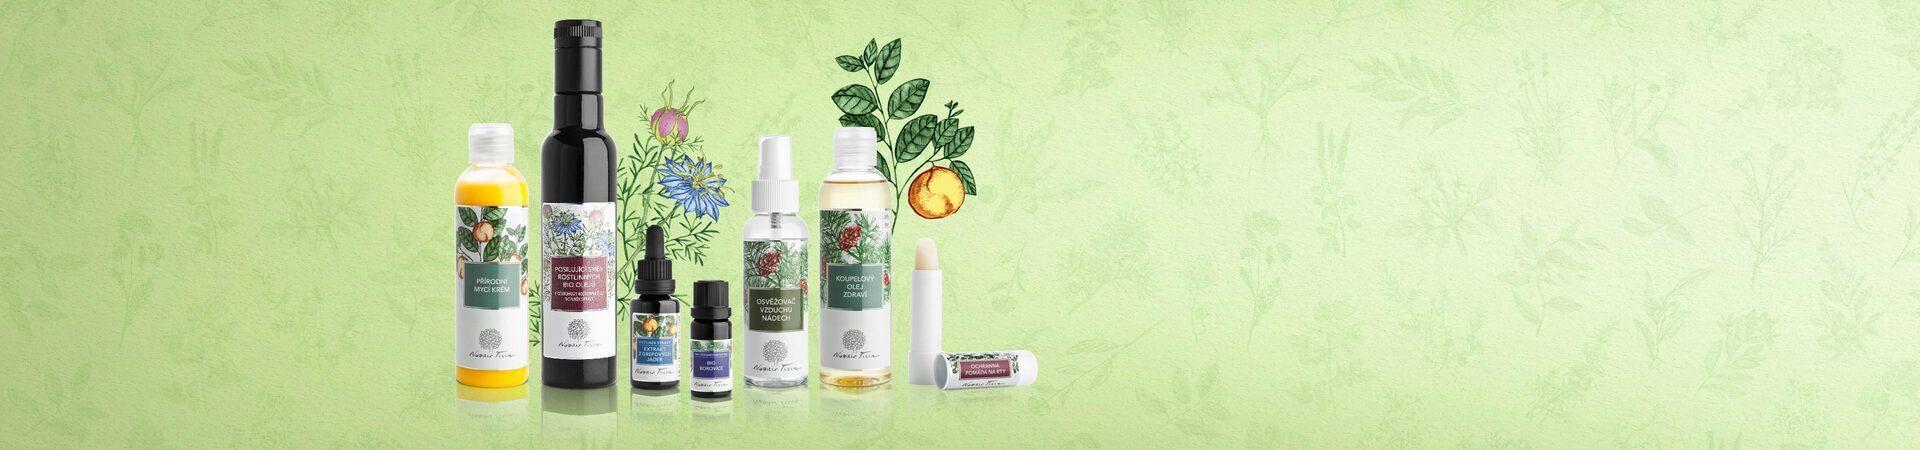 podpora imunity - přírodní kosmetiky Nobilis Tilia